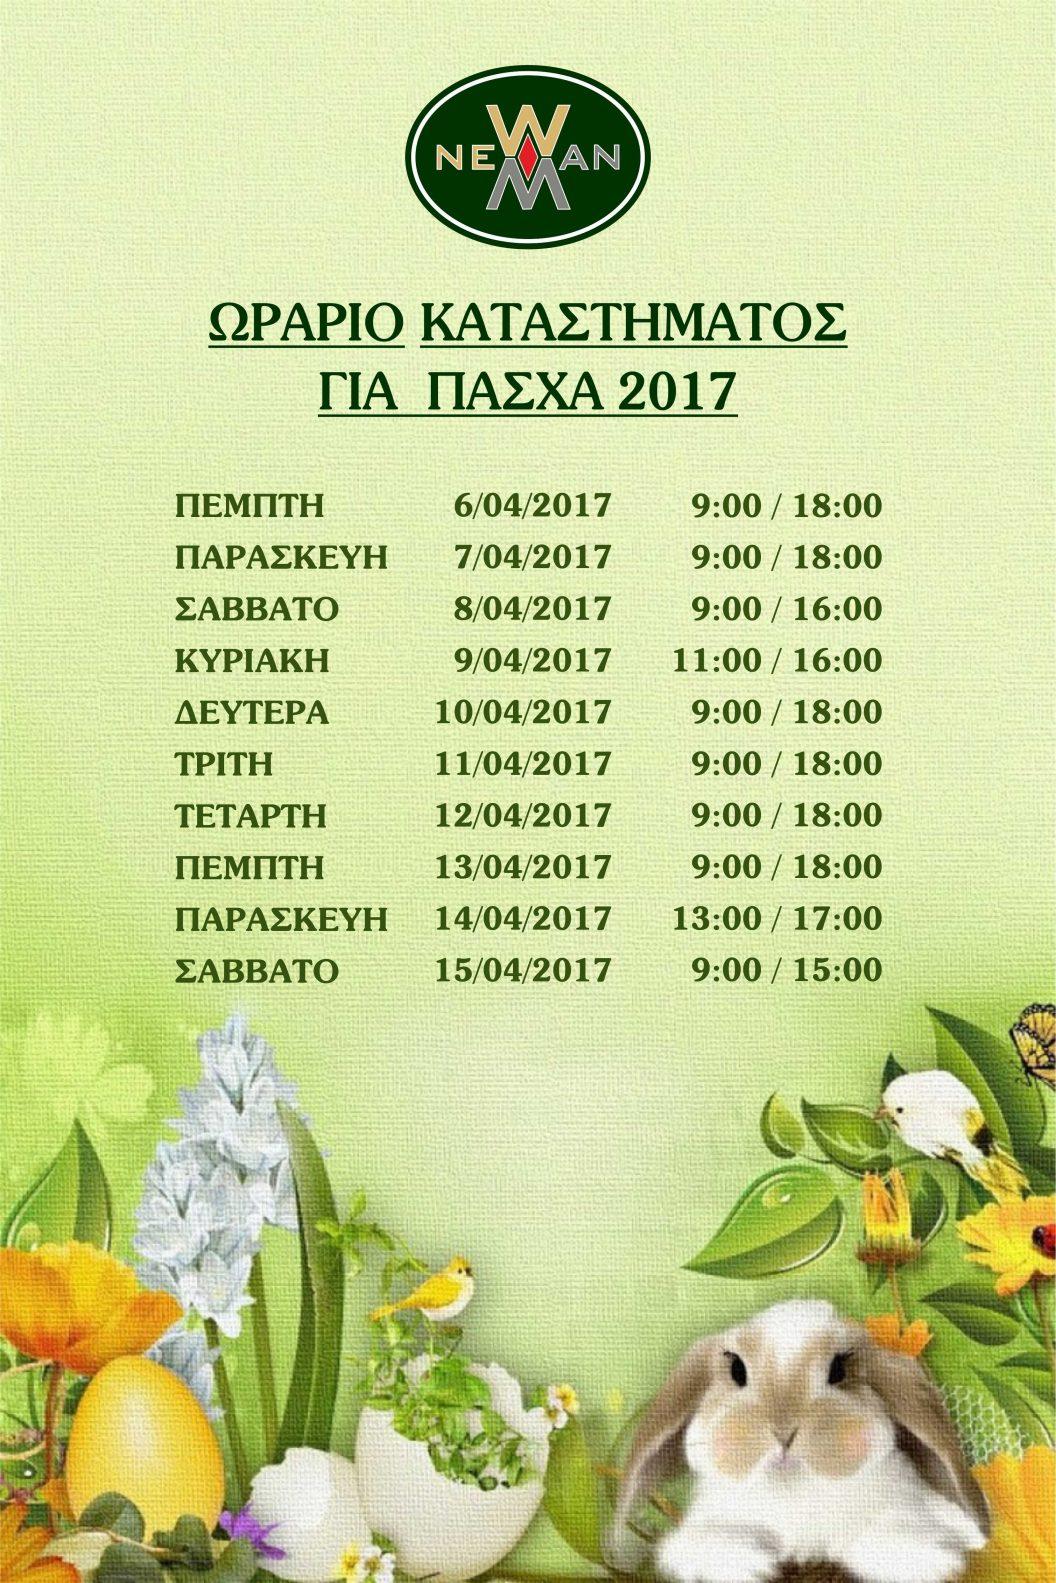 Ωράριο Καταστήματος Πάσχα 2017